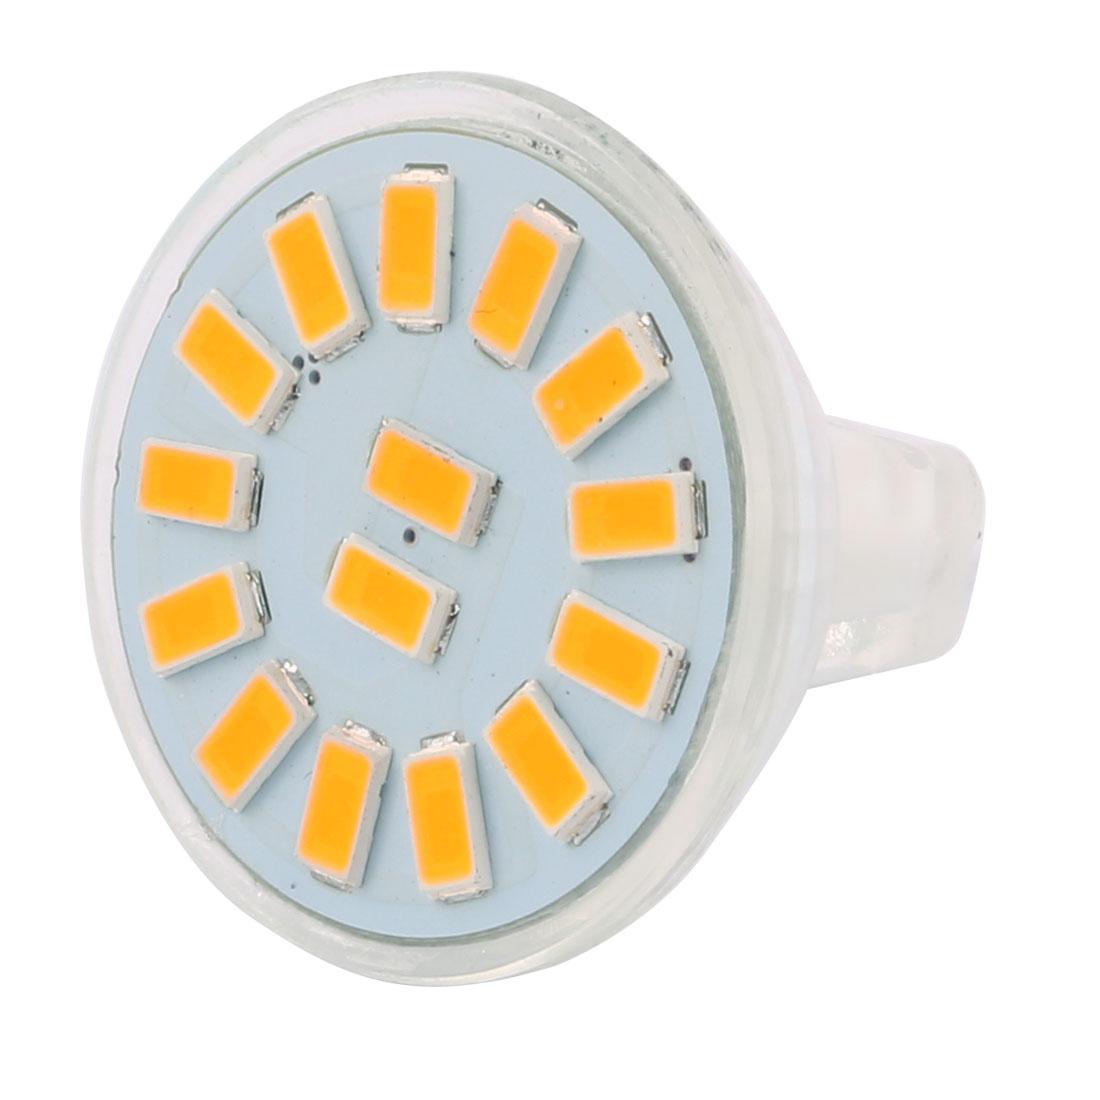 DC 12V 4W MR11 5733 SMD 15 LEDs LED Bulb Light Spotlight Lamp Lighting Warm White